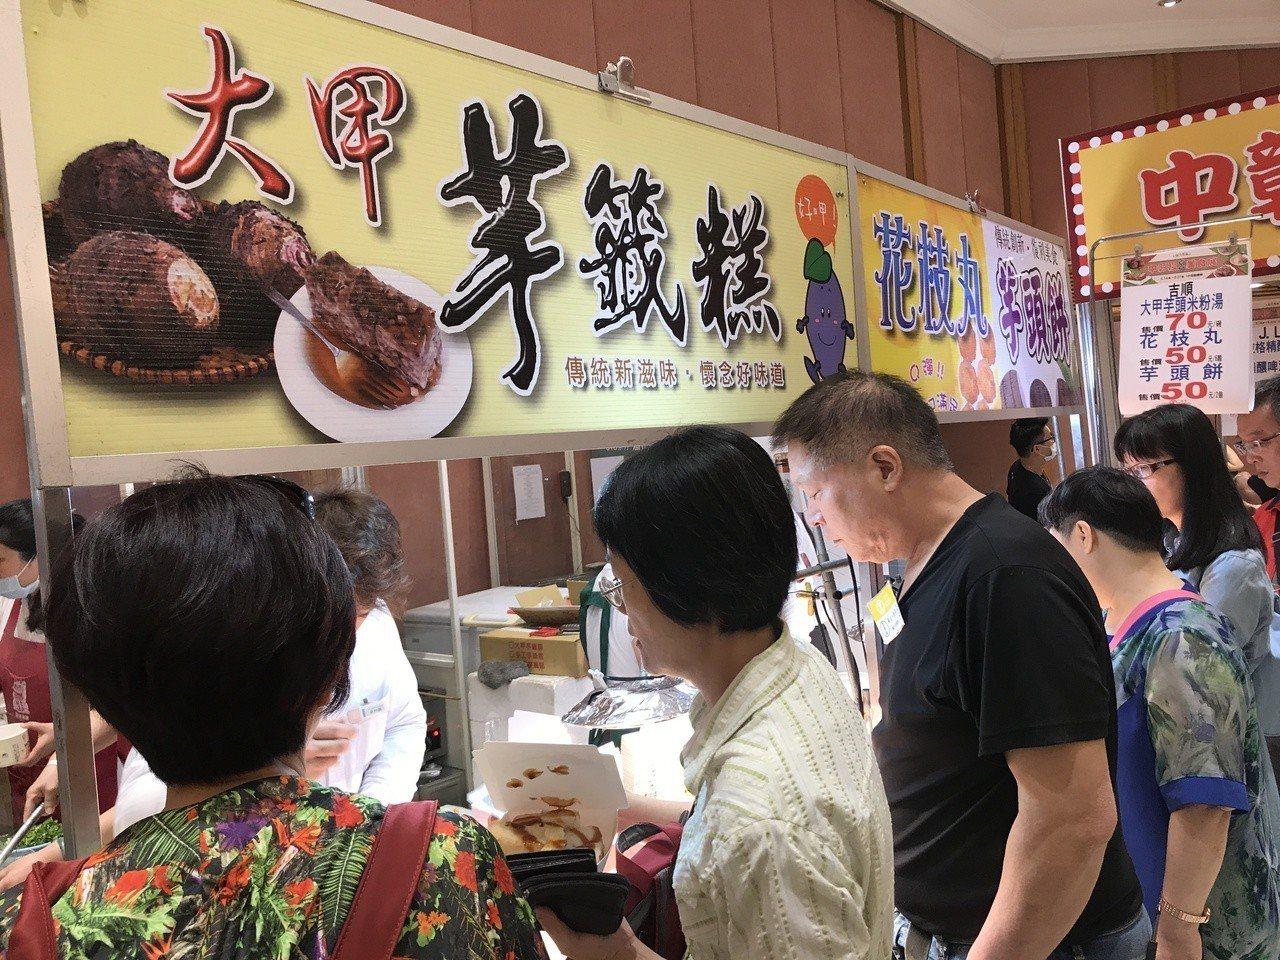 彰化美食名店「吉順」人氣相當高。記者江佩君/攝影